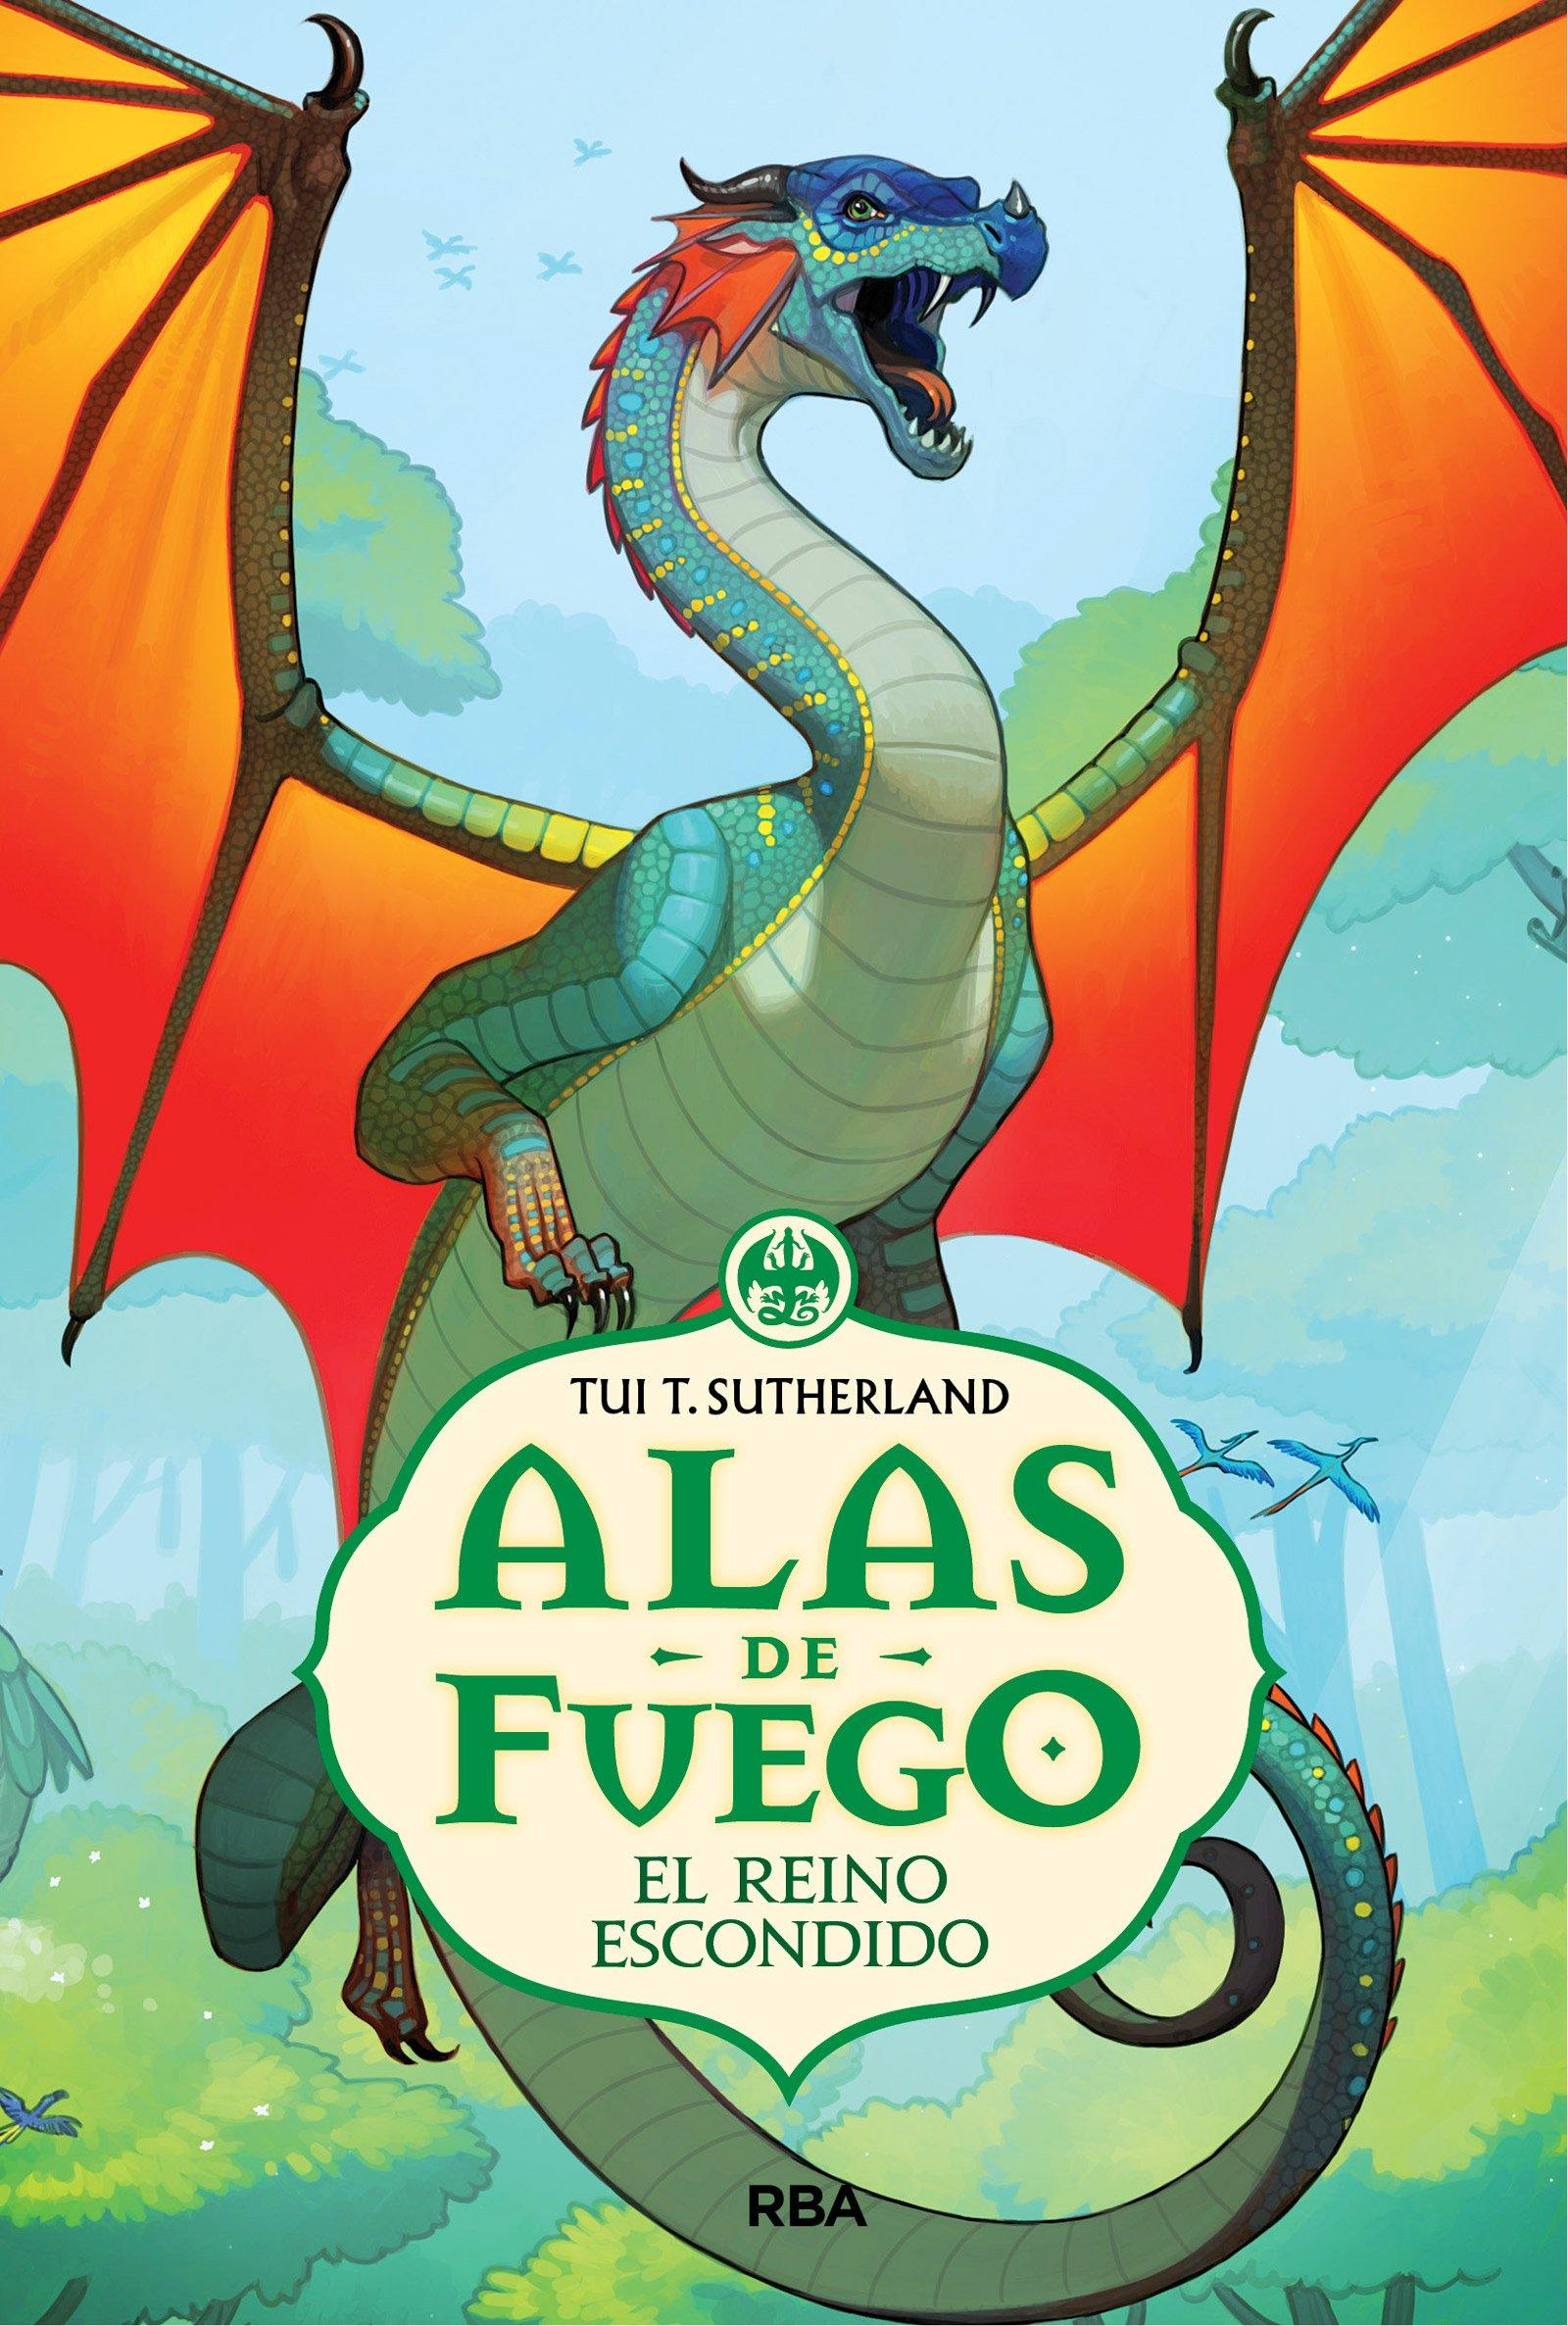 Alas de Fuego # 3 El reino escondido (Spanish Edition) (Alas De Fuego / Wings of Fire) by Lectorum Pubns (Juv) (Image #1)